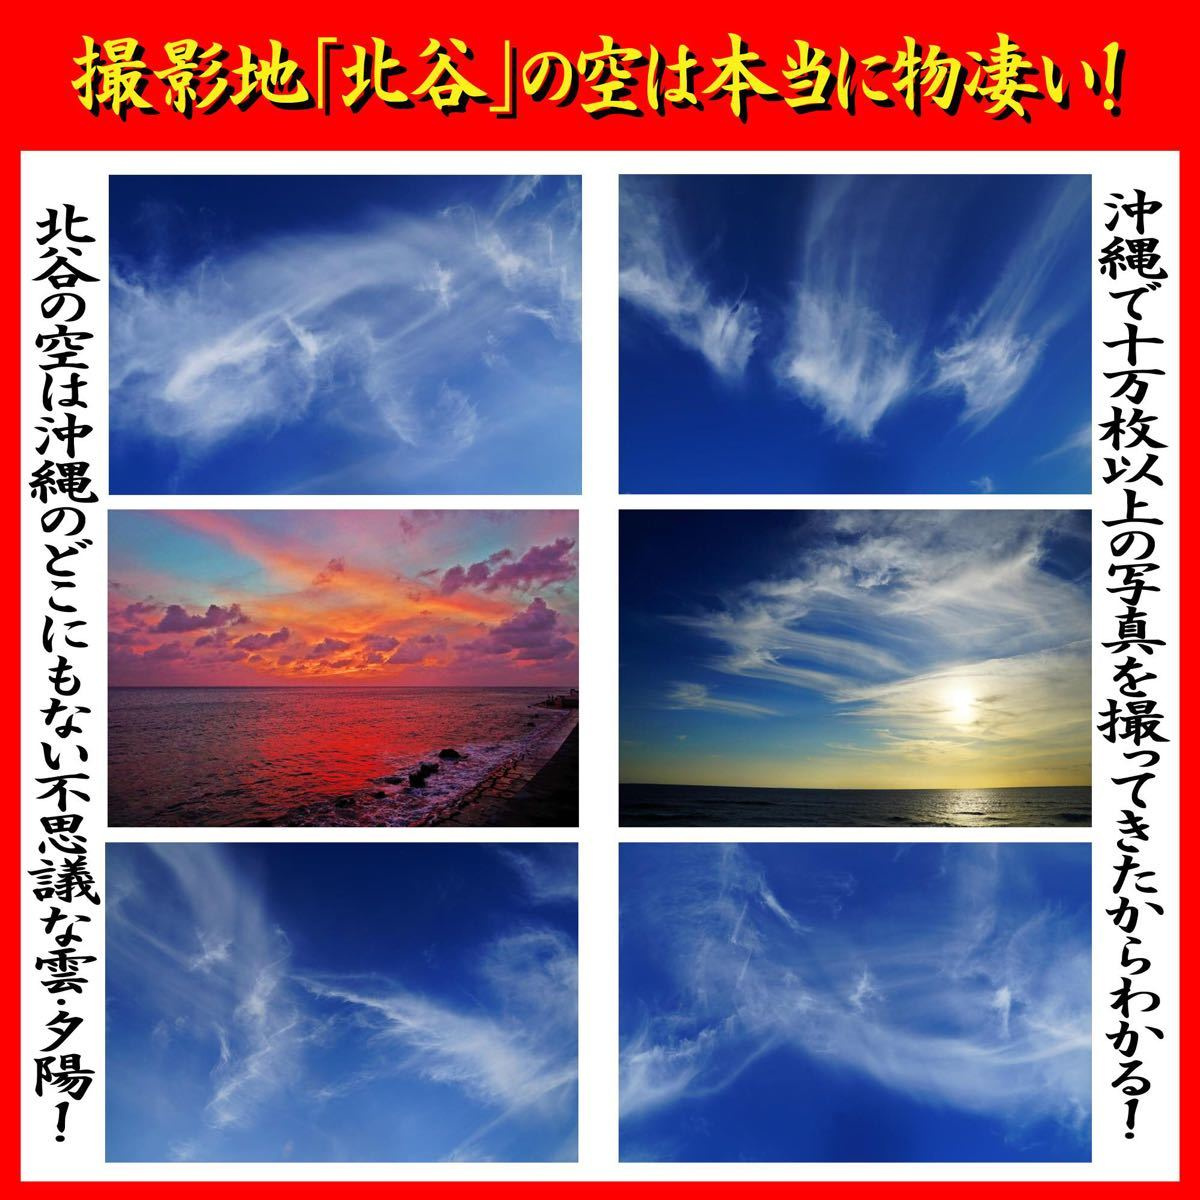 本当の奇跡がここにある!「琉球龍神雲」A4サイズ+スマホ待ち受け!オマケ付き!